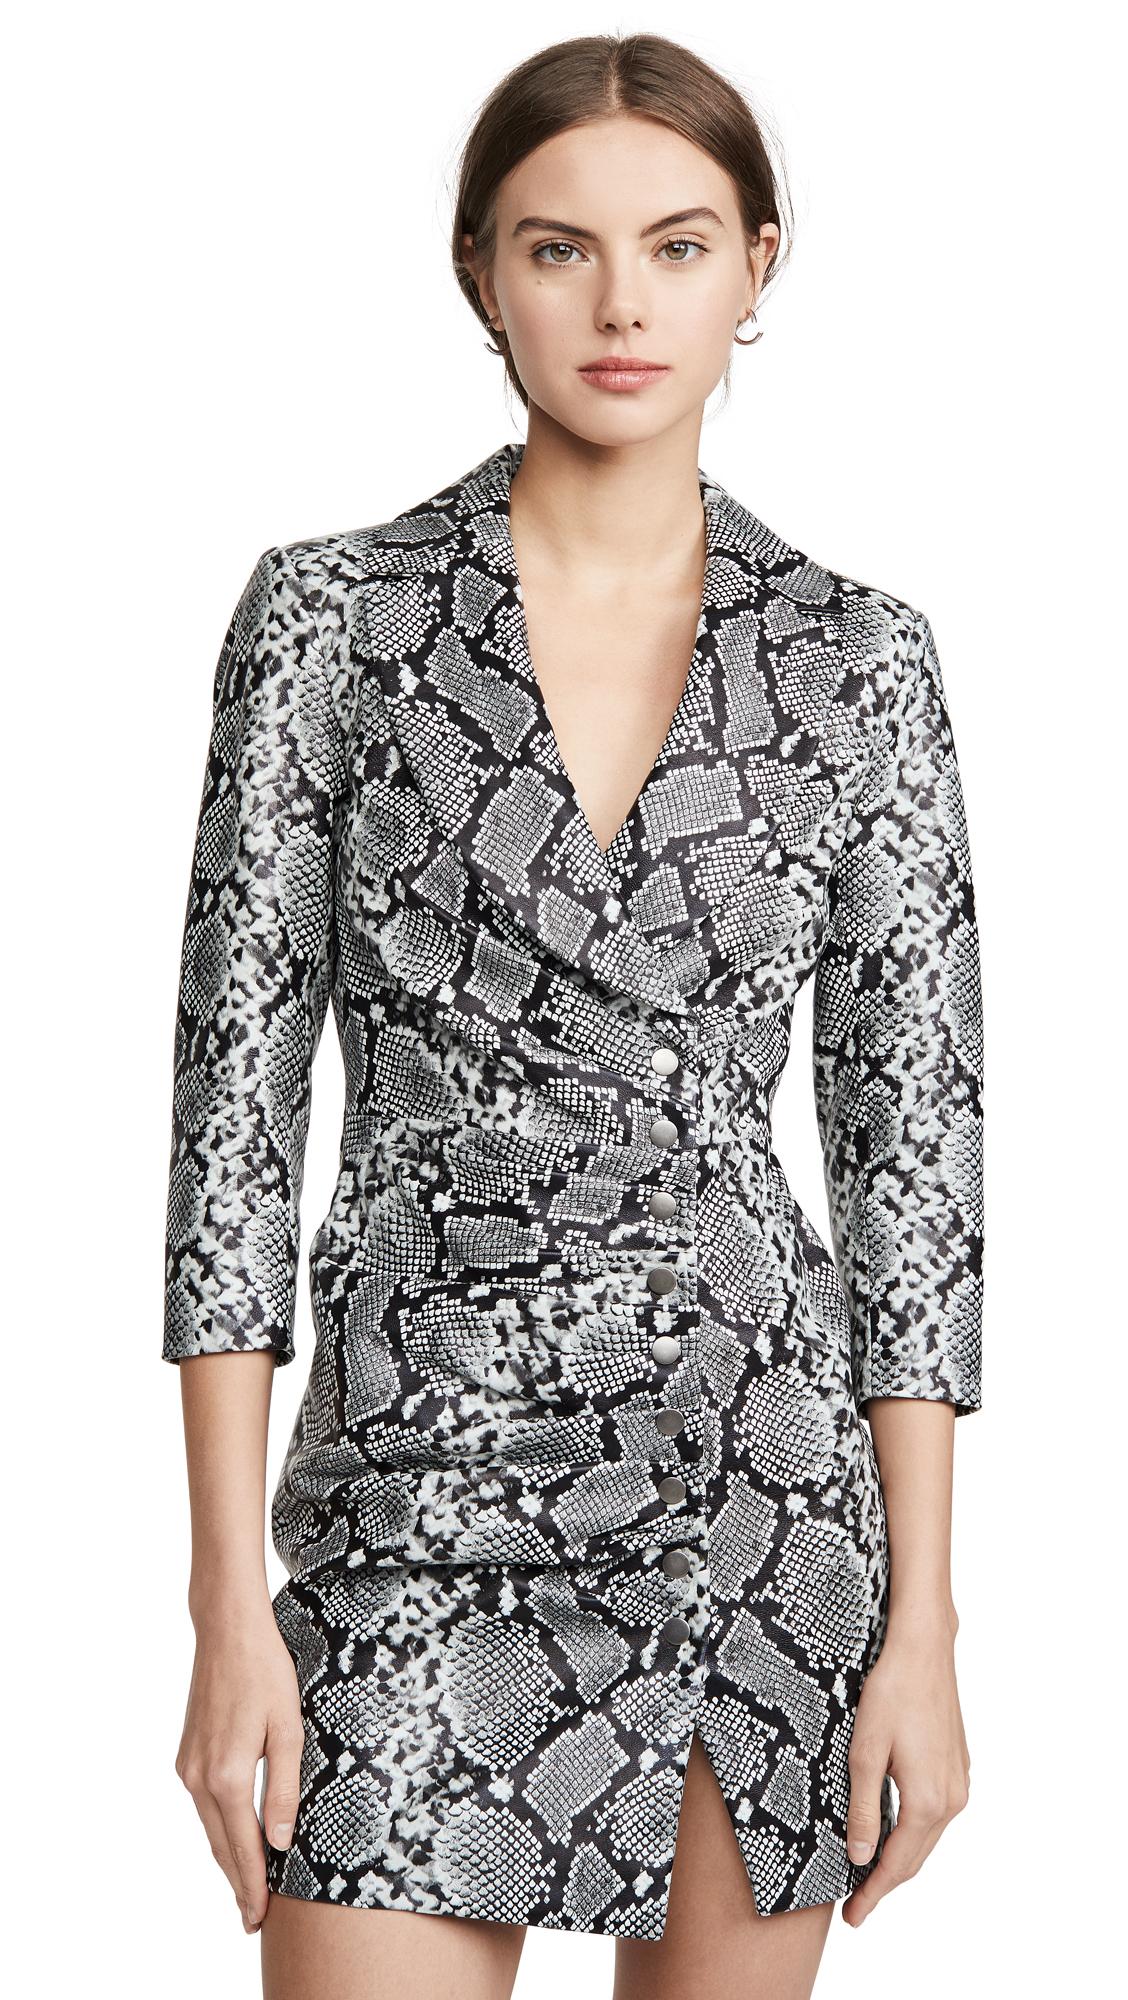 Retrofete Willa Dress - 30% Off Sale